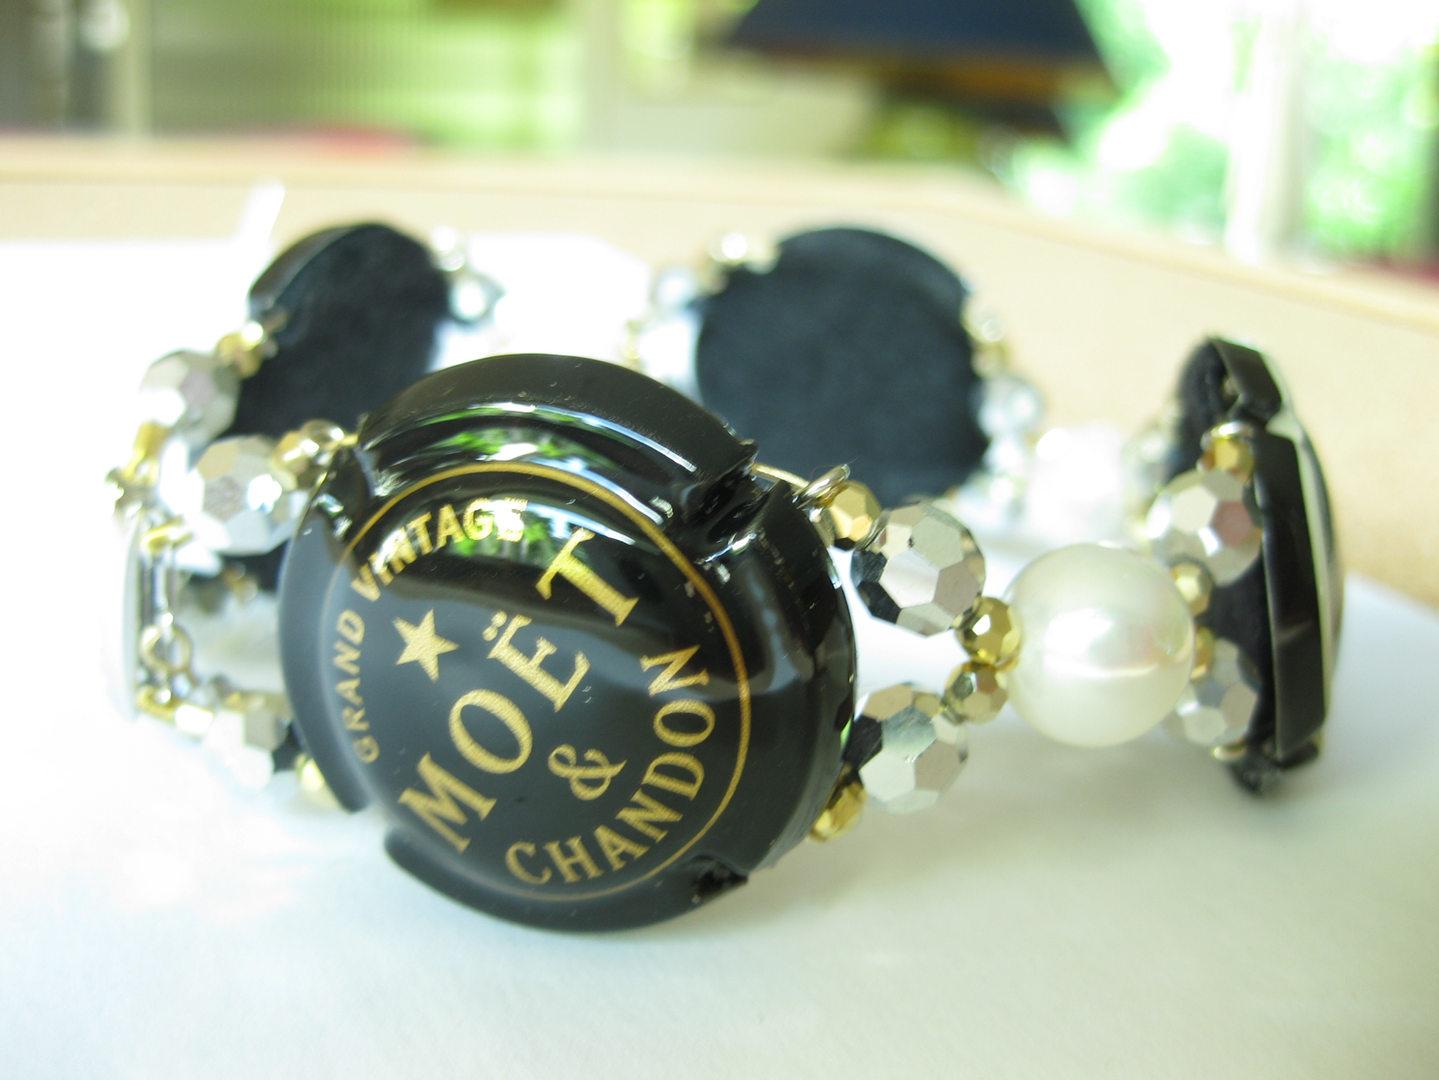 Armband Champagner aus dem Atelier Christiane Klieeisen